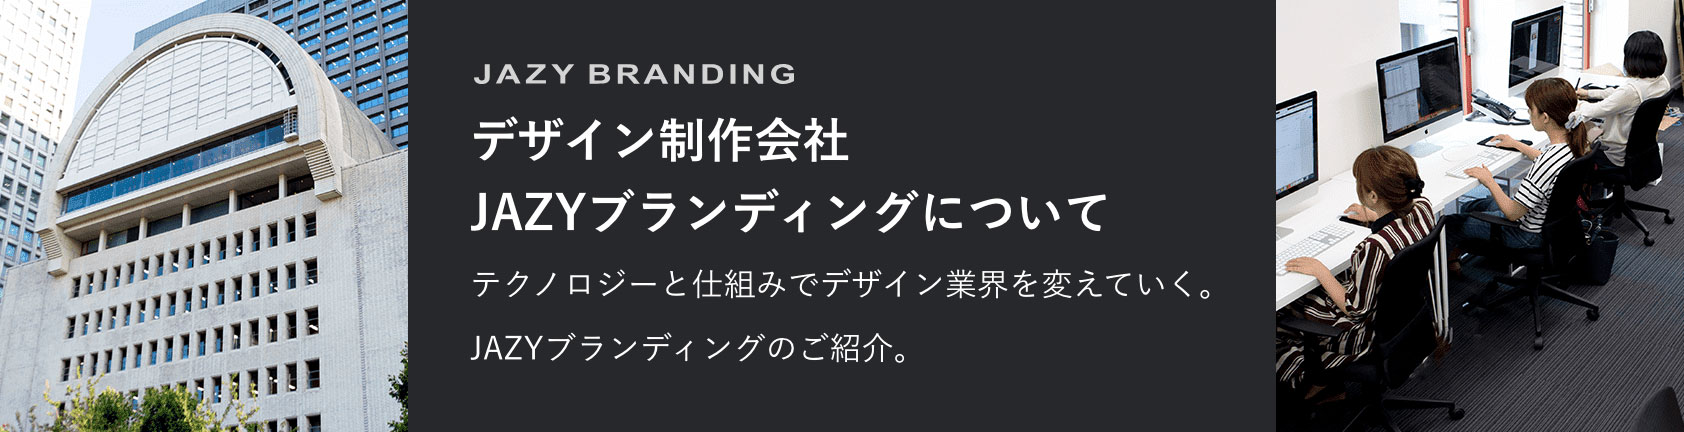 デザイン制作会社 JAZYブランディングについて テクノロジーと仕組みでデザイン業界を変えていく。 JAZYブランディングのご紹介。